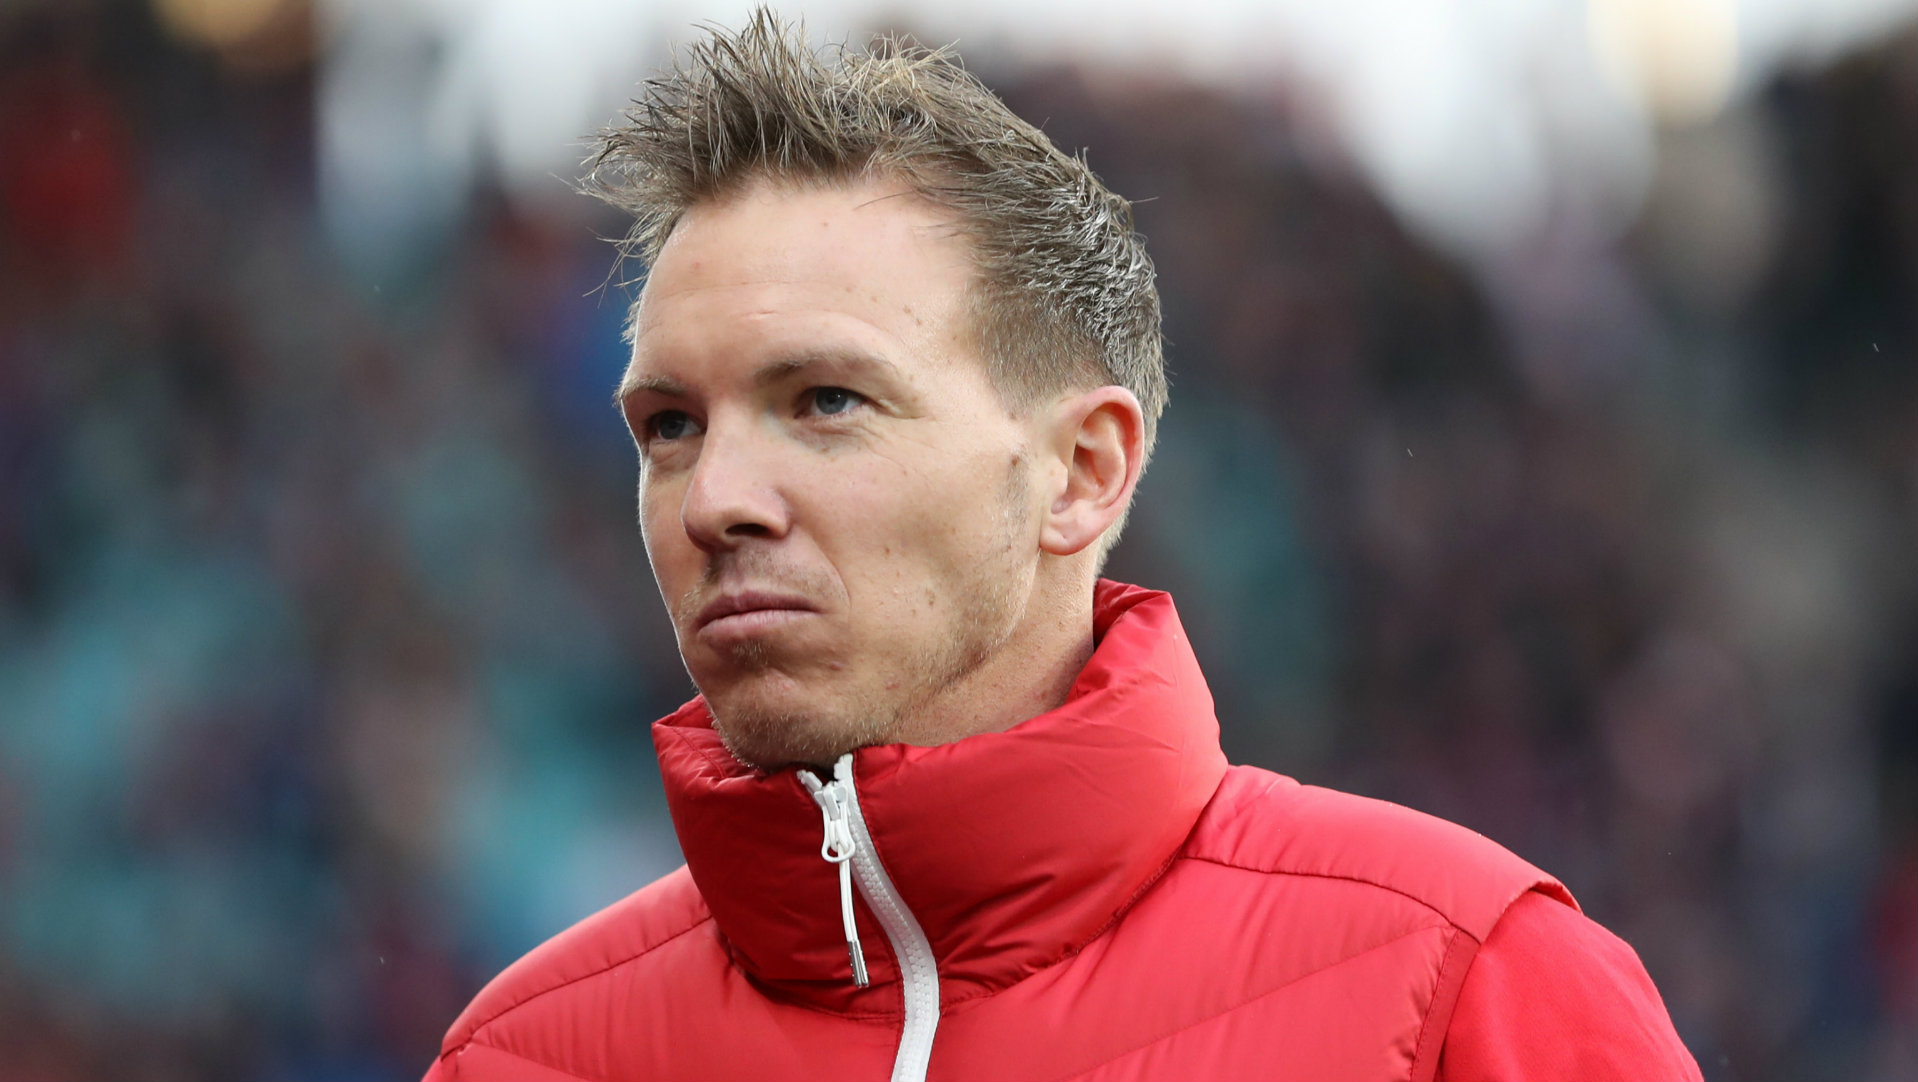 法尔克列切尔西选帅目标:图赫尔和纳格尔斯曼在列